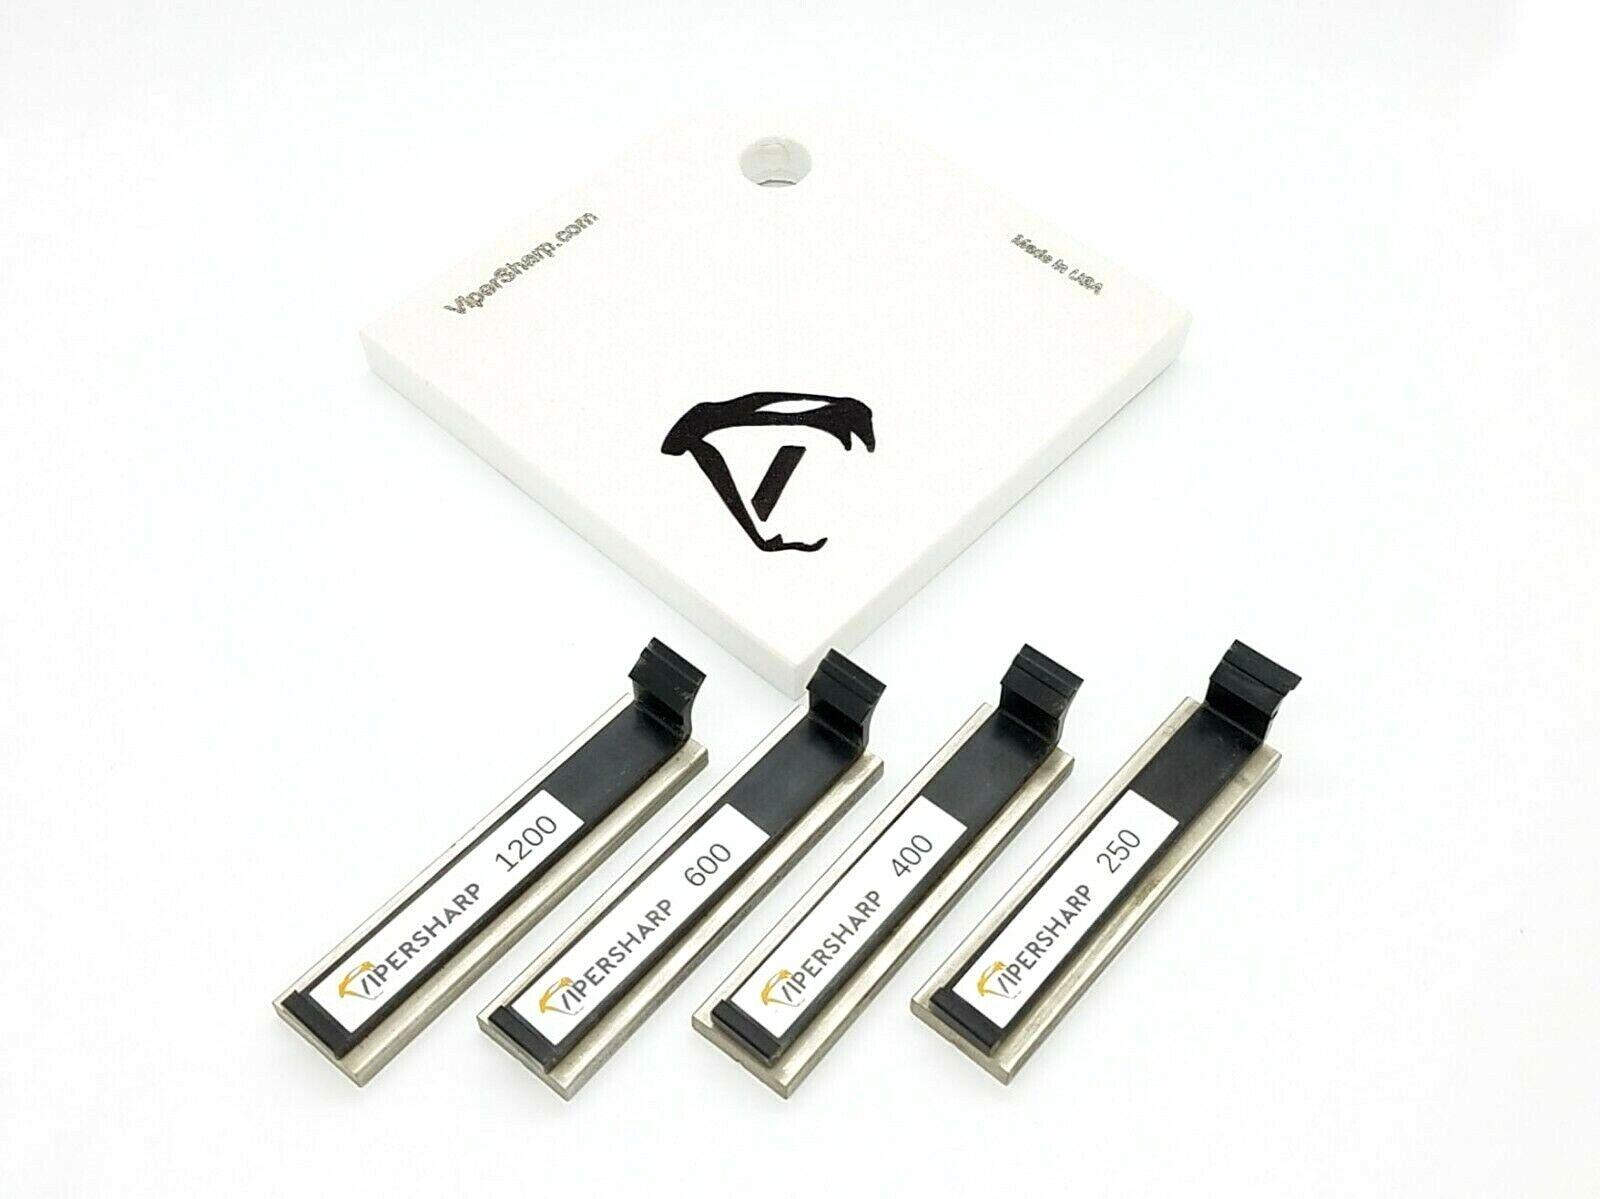 ViperSharp Diamond Professional Knife Sharpener système de précision guidées